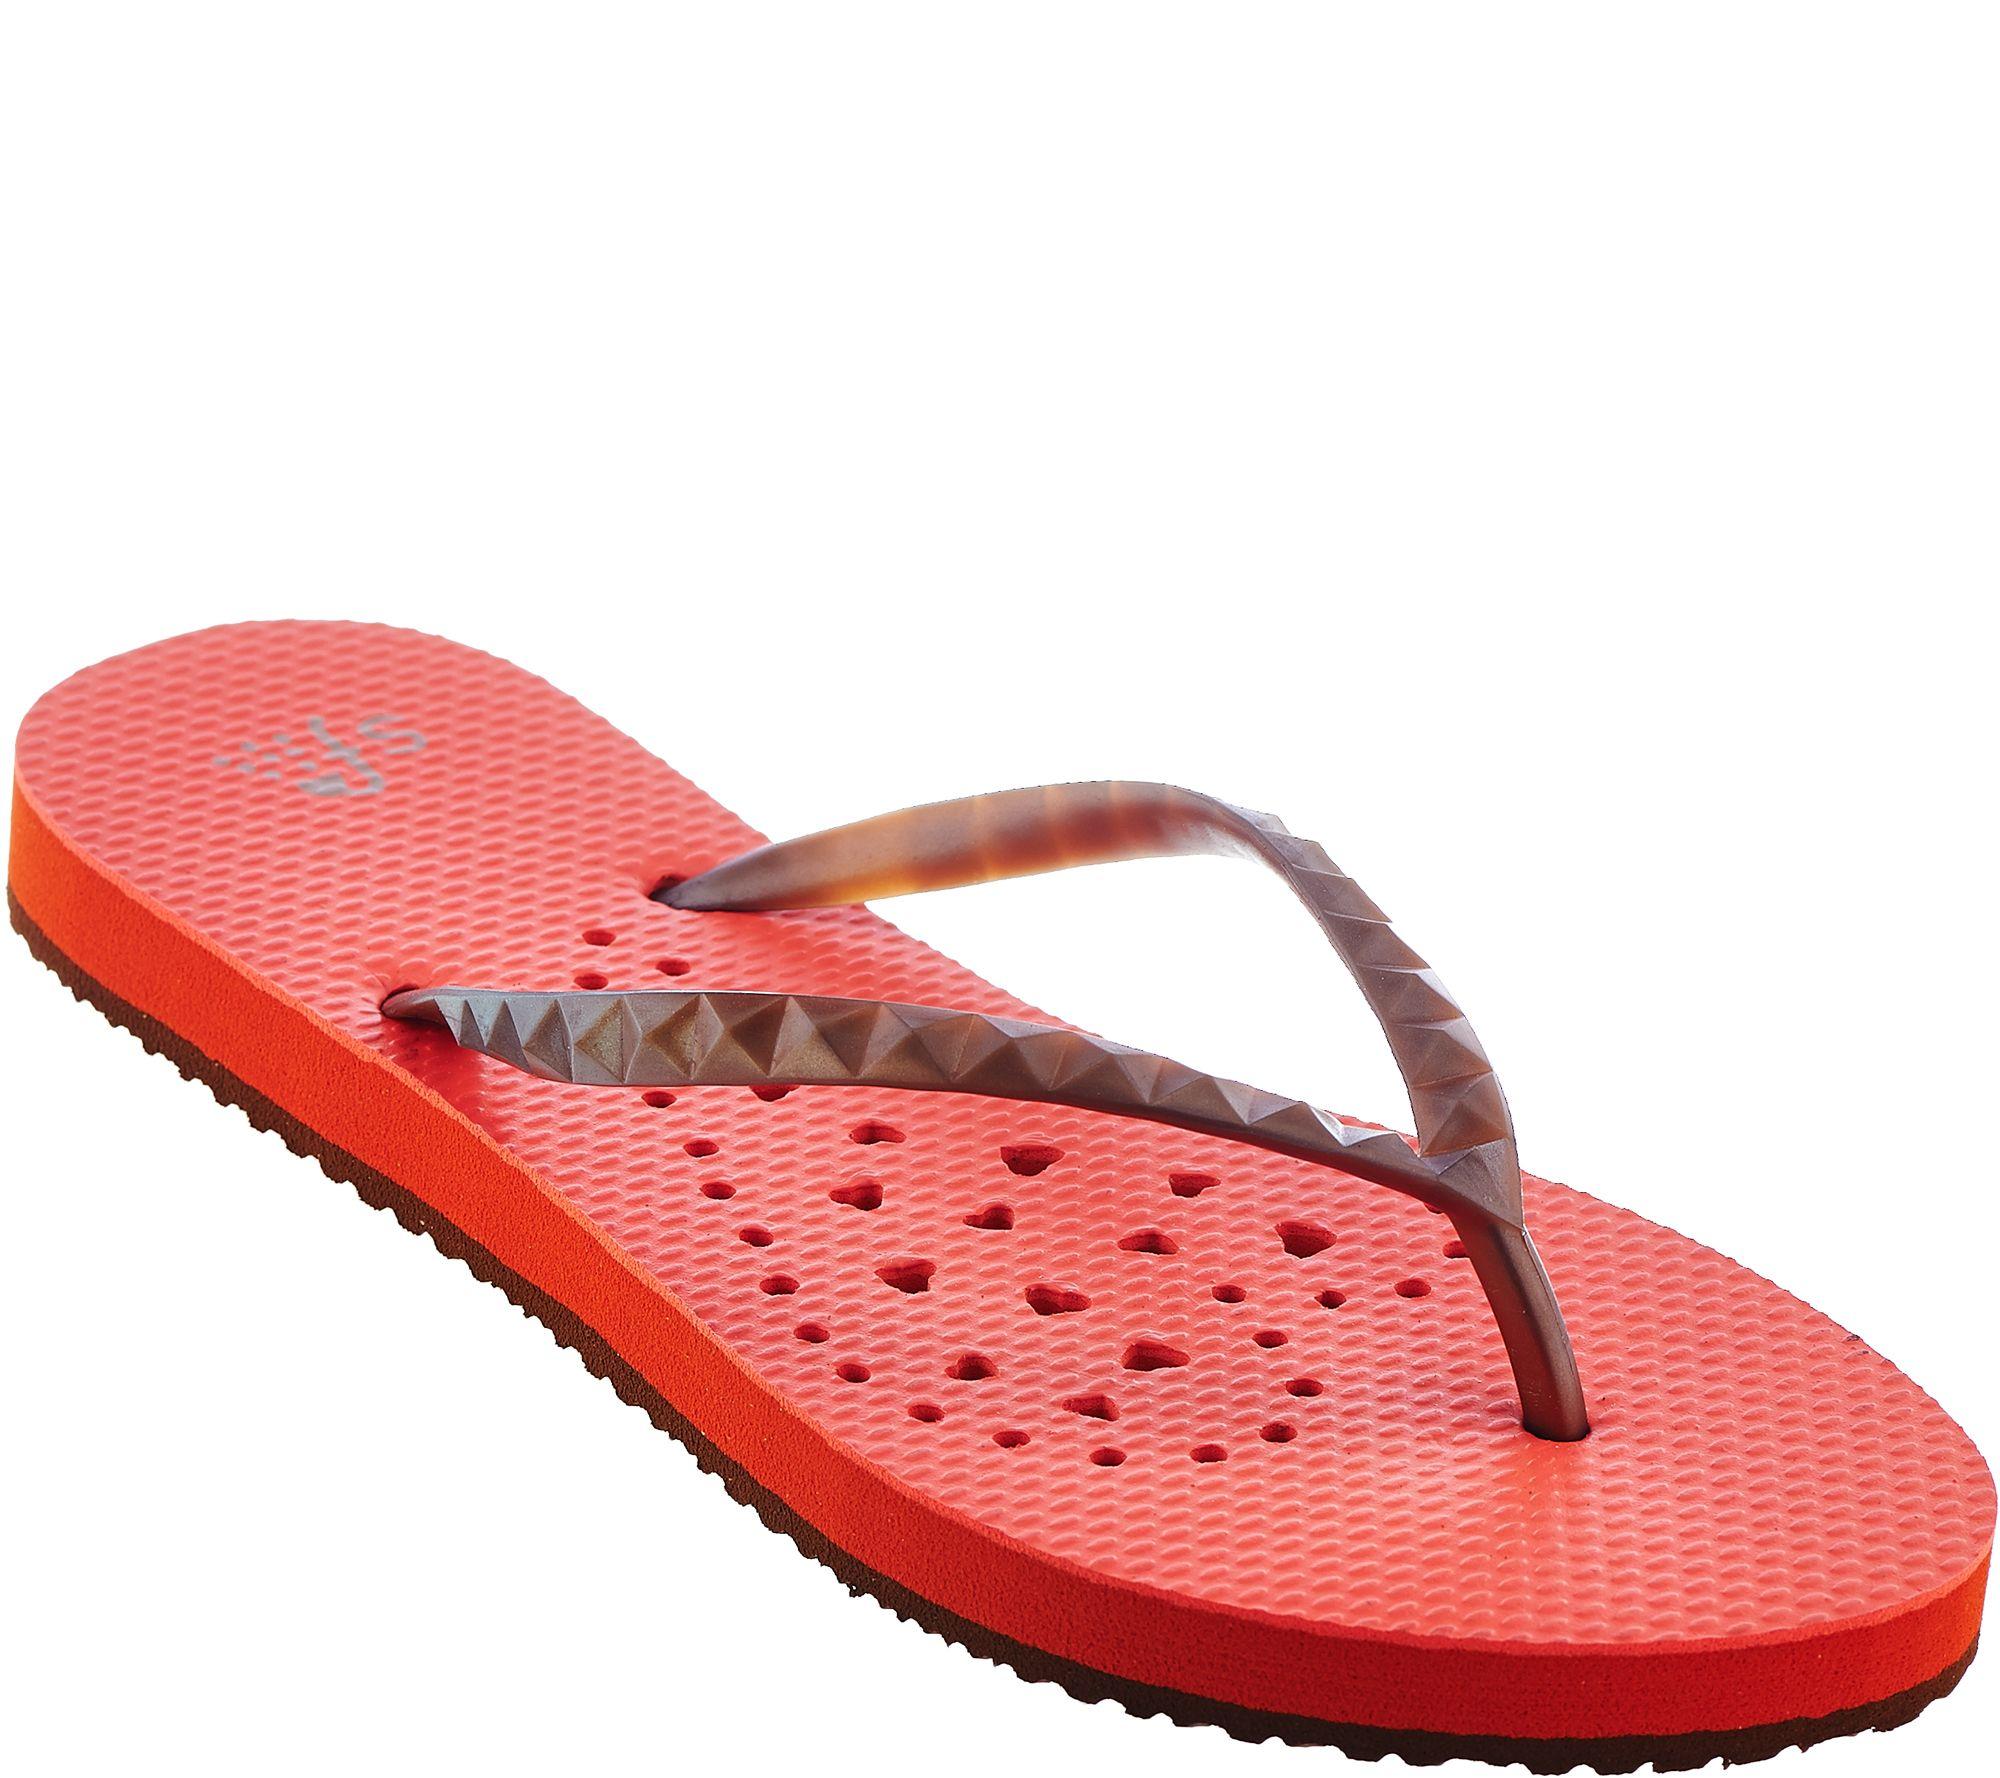 29055cde84611 Showaflops Flip Flops Shower Sandal - Page 1 — QVC.com